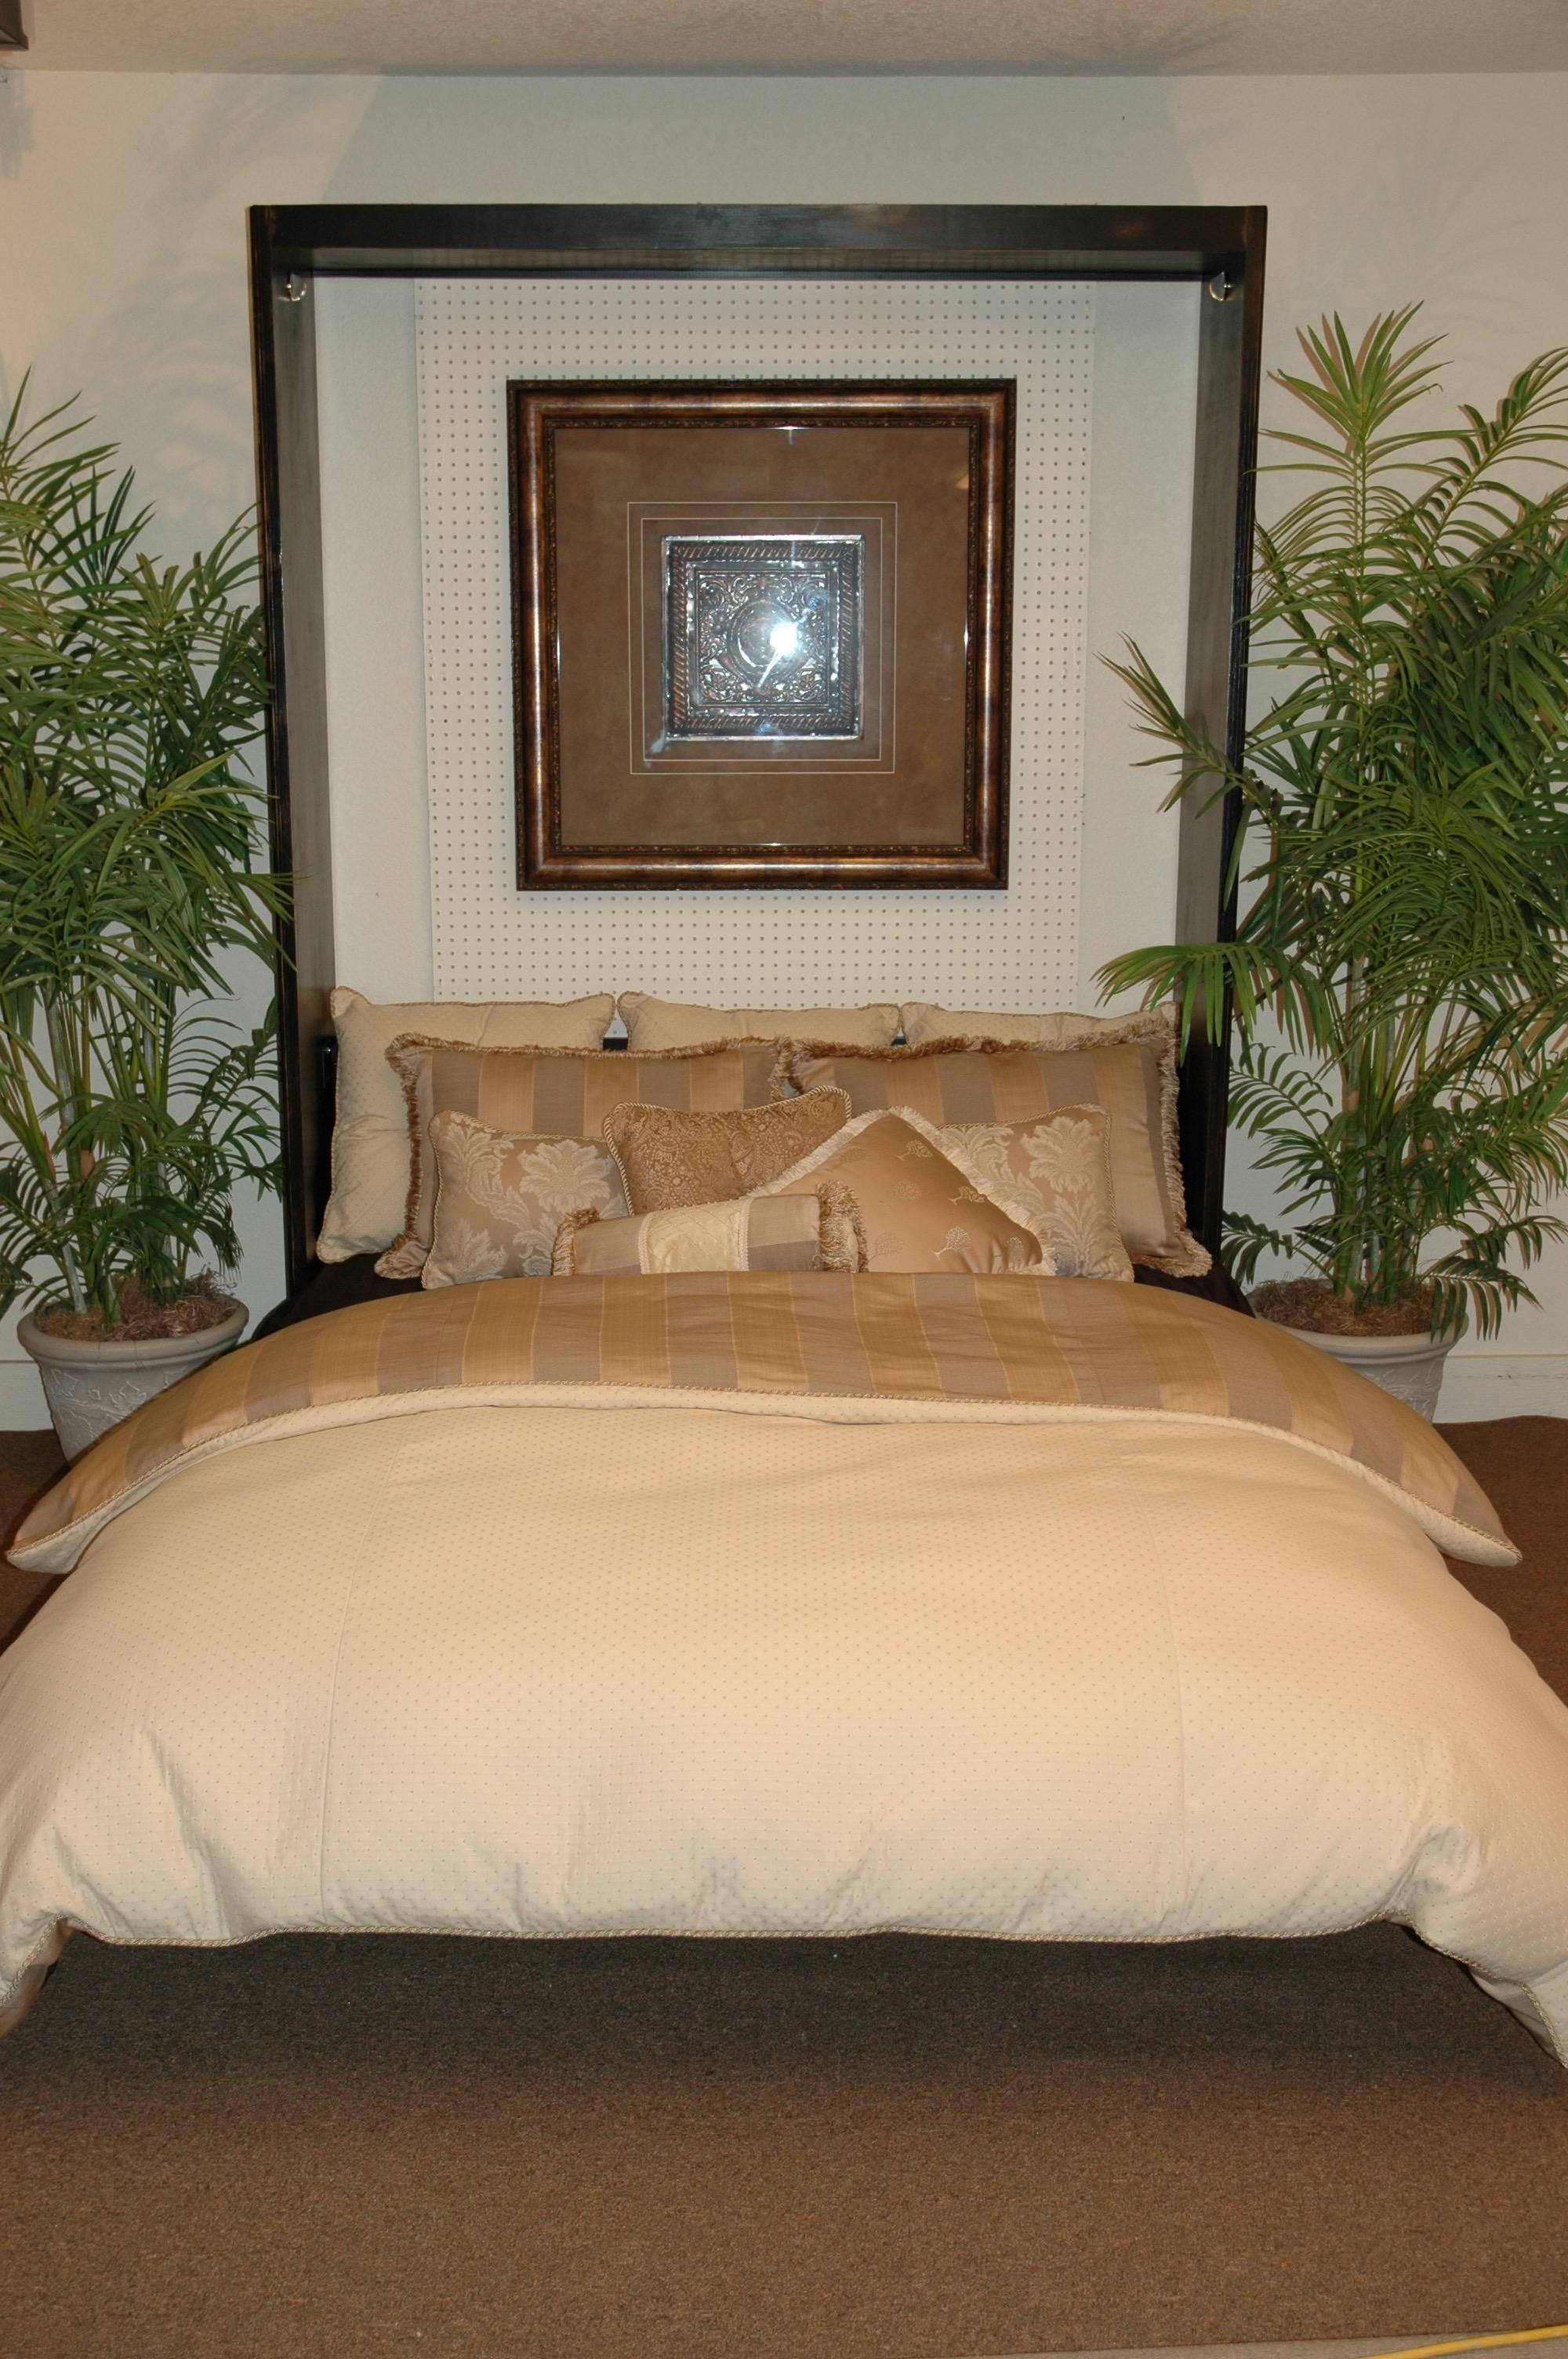 BR 4504   MURPHY BED